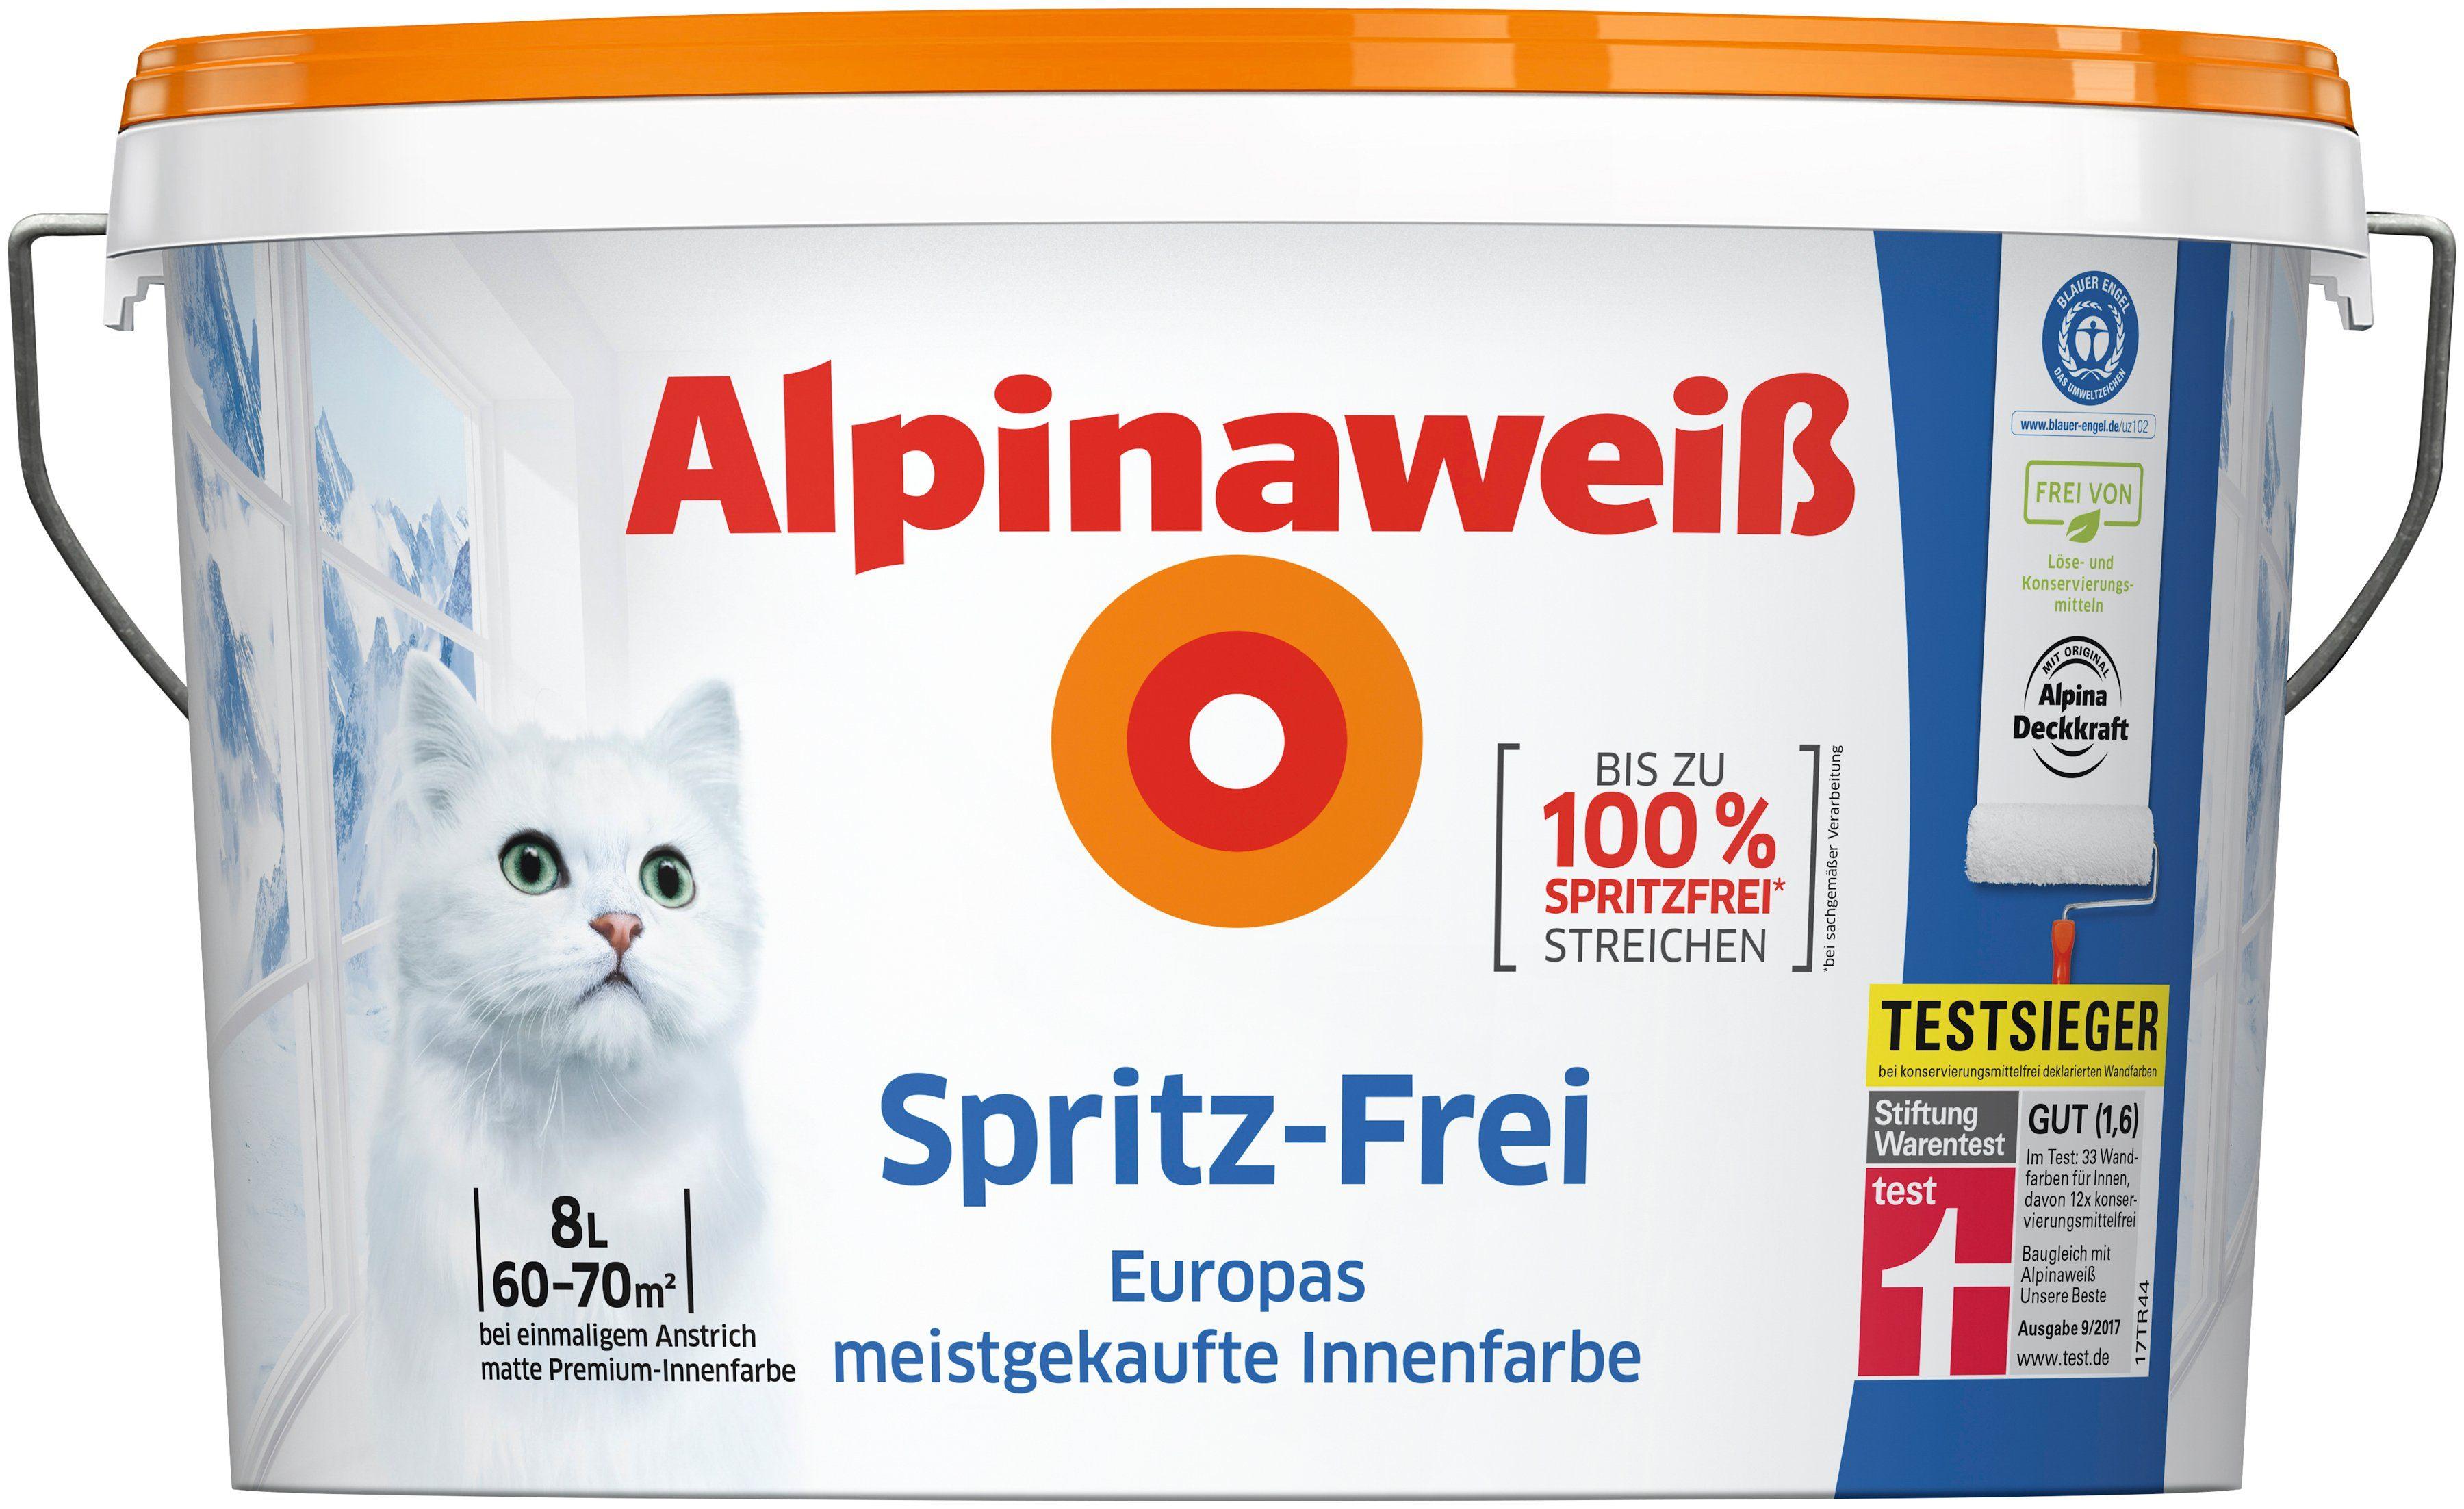 ALPINA Innenfarbe »Spritz-Frei«, Alpinaweiß 8L